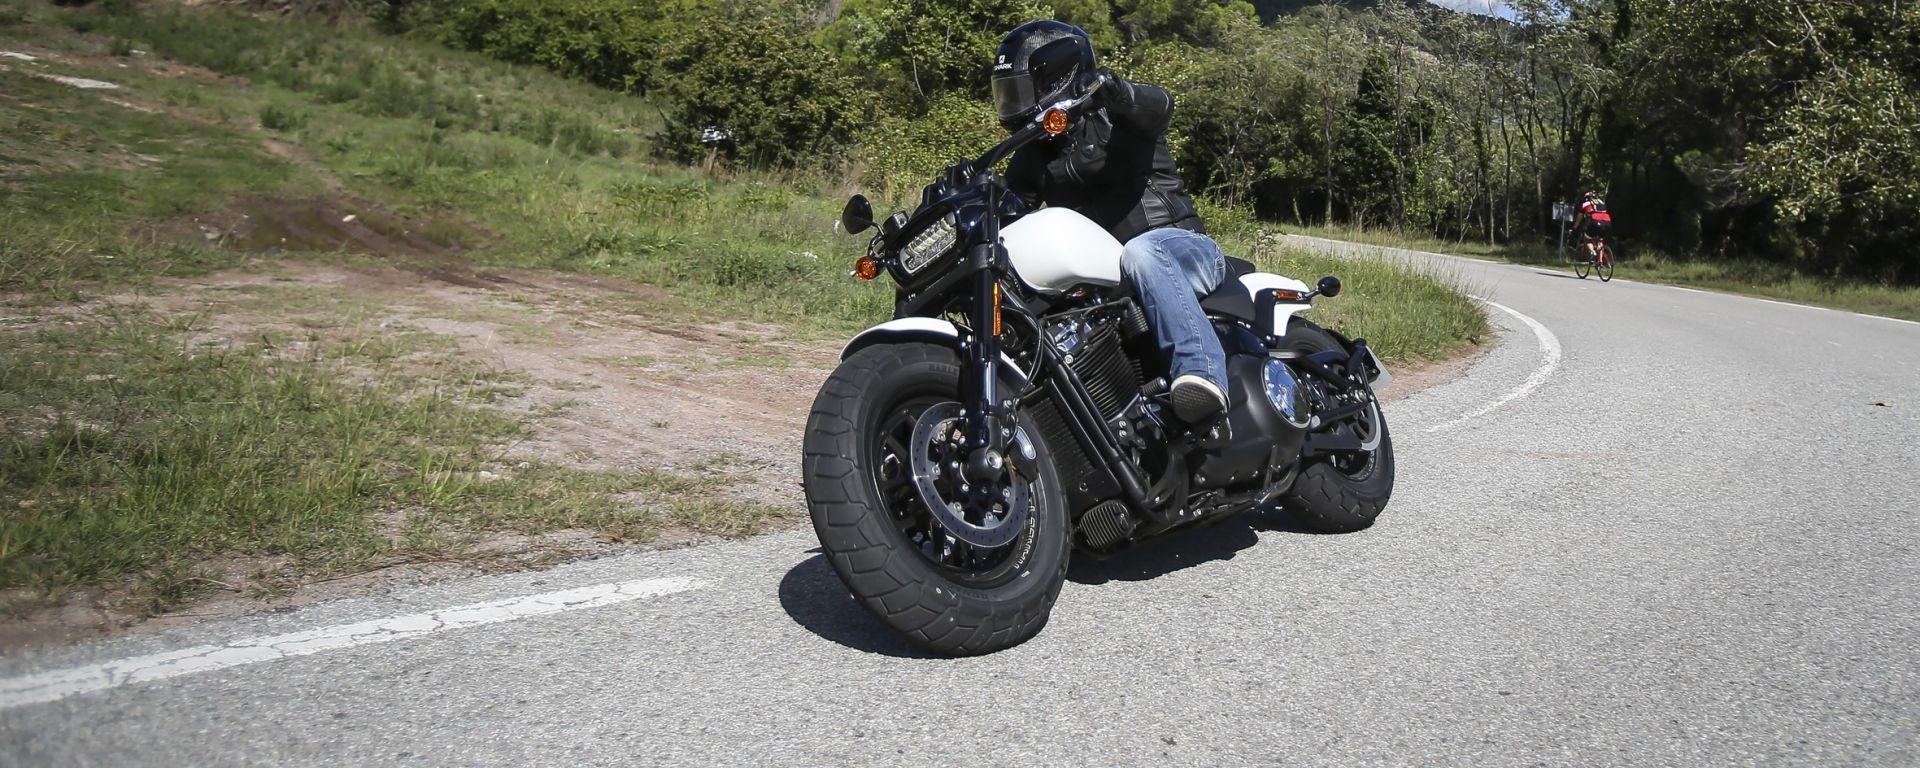 Harley Davidson Fat Bob 114 MY 2018: il test drive